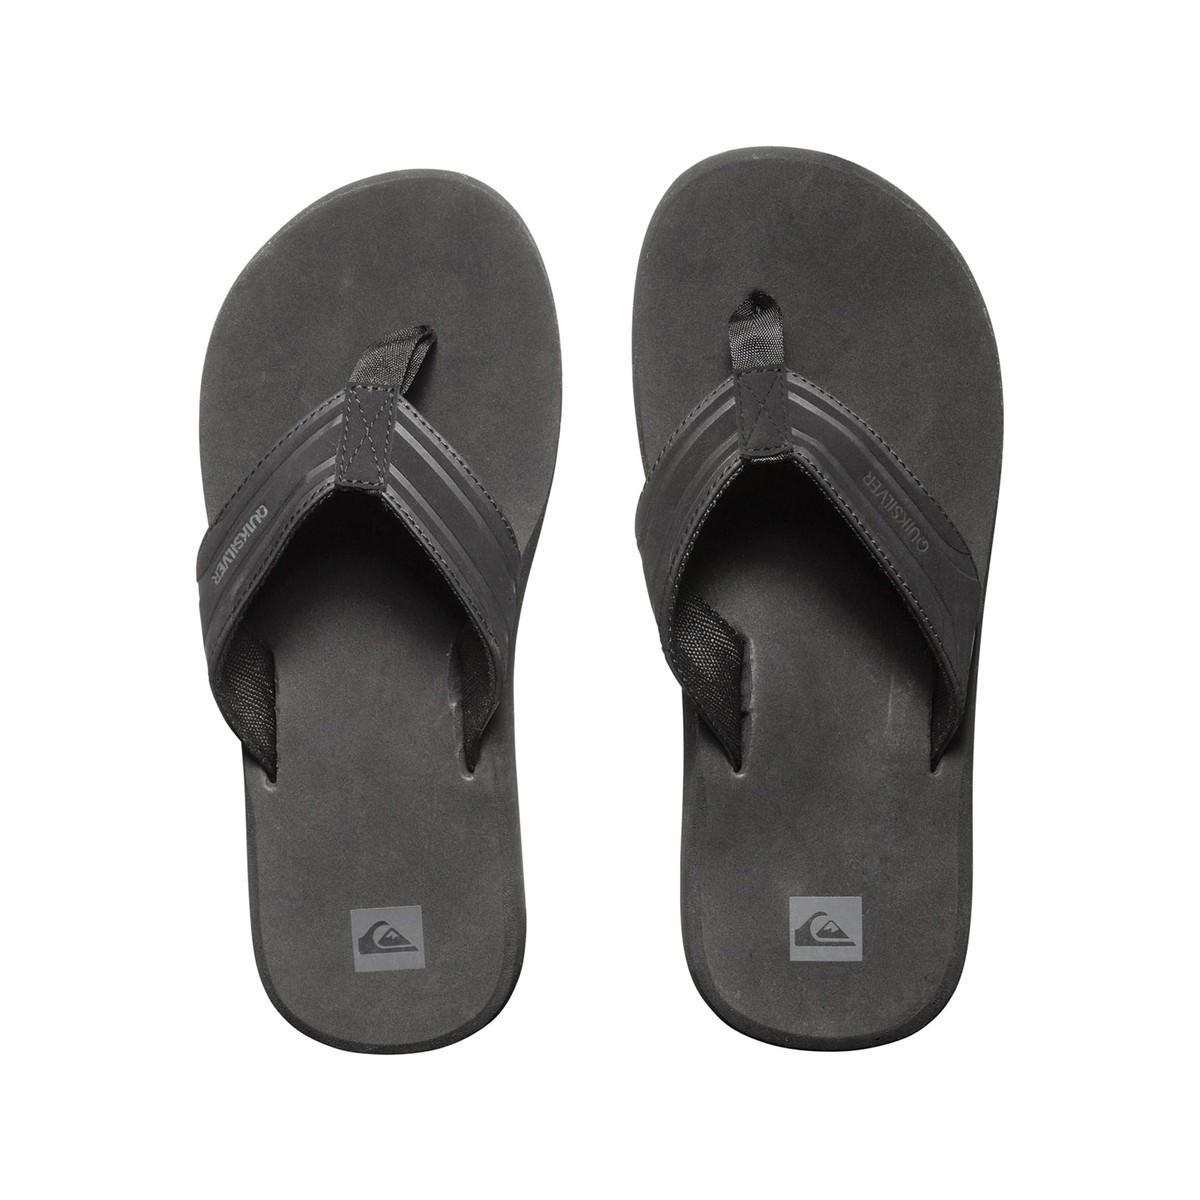 Rachel Shoes Black Flip Flops Sandals